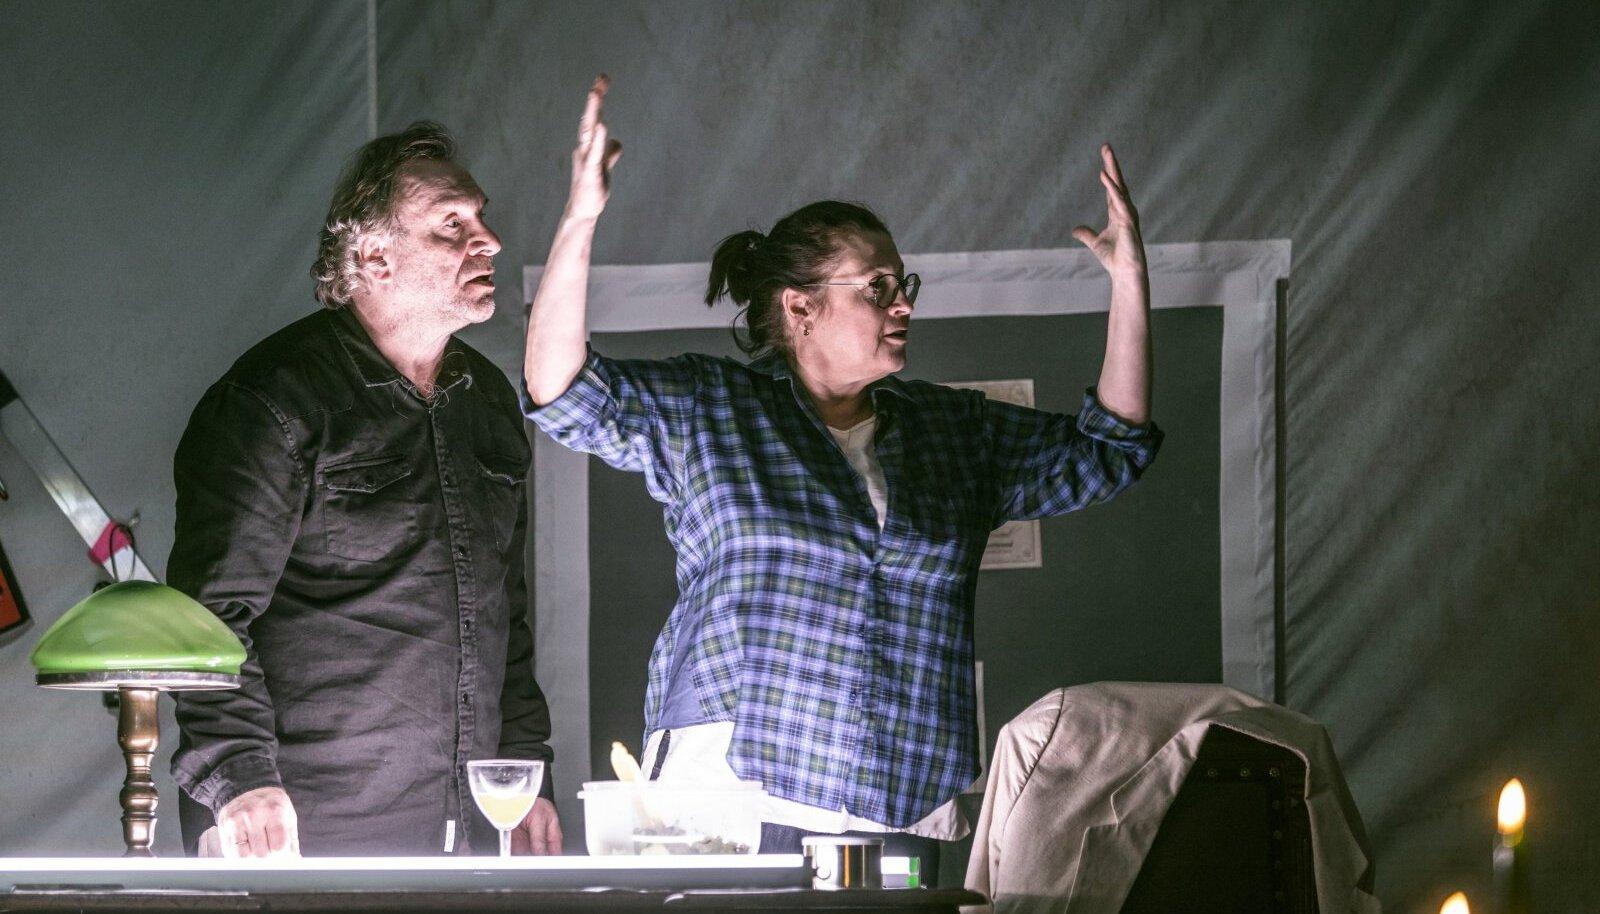 Tuumafüüsikutest abielupaar Robin (Peeter Tammearu) ja Hazel (Anne Reemann). Näidendist ja lavastusest selgub nii mõndagi sellist, millest tavaolukorras ei räägita.